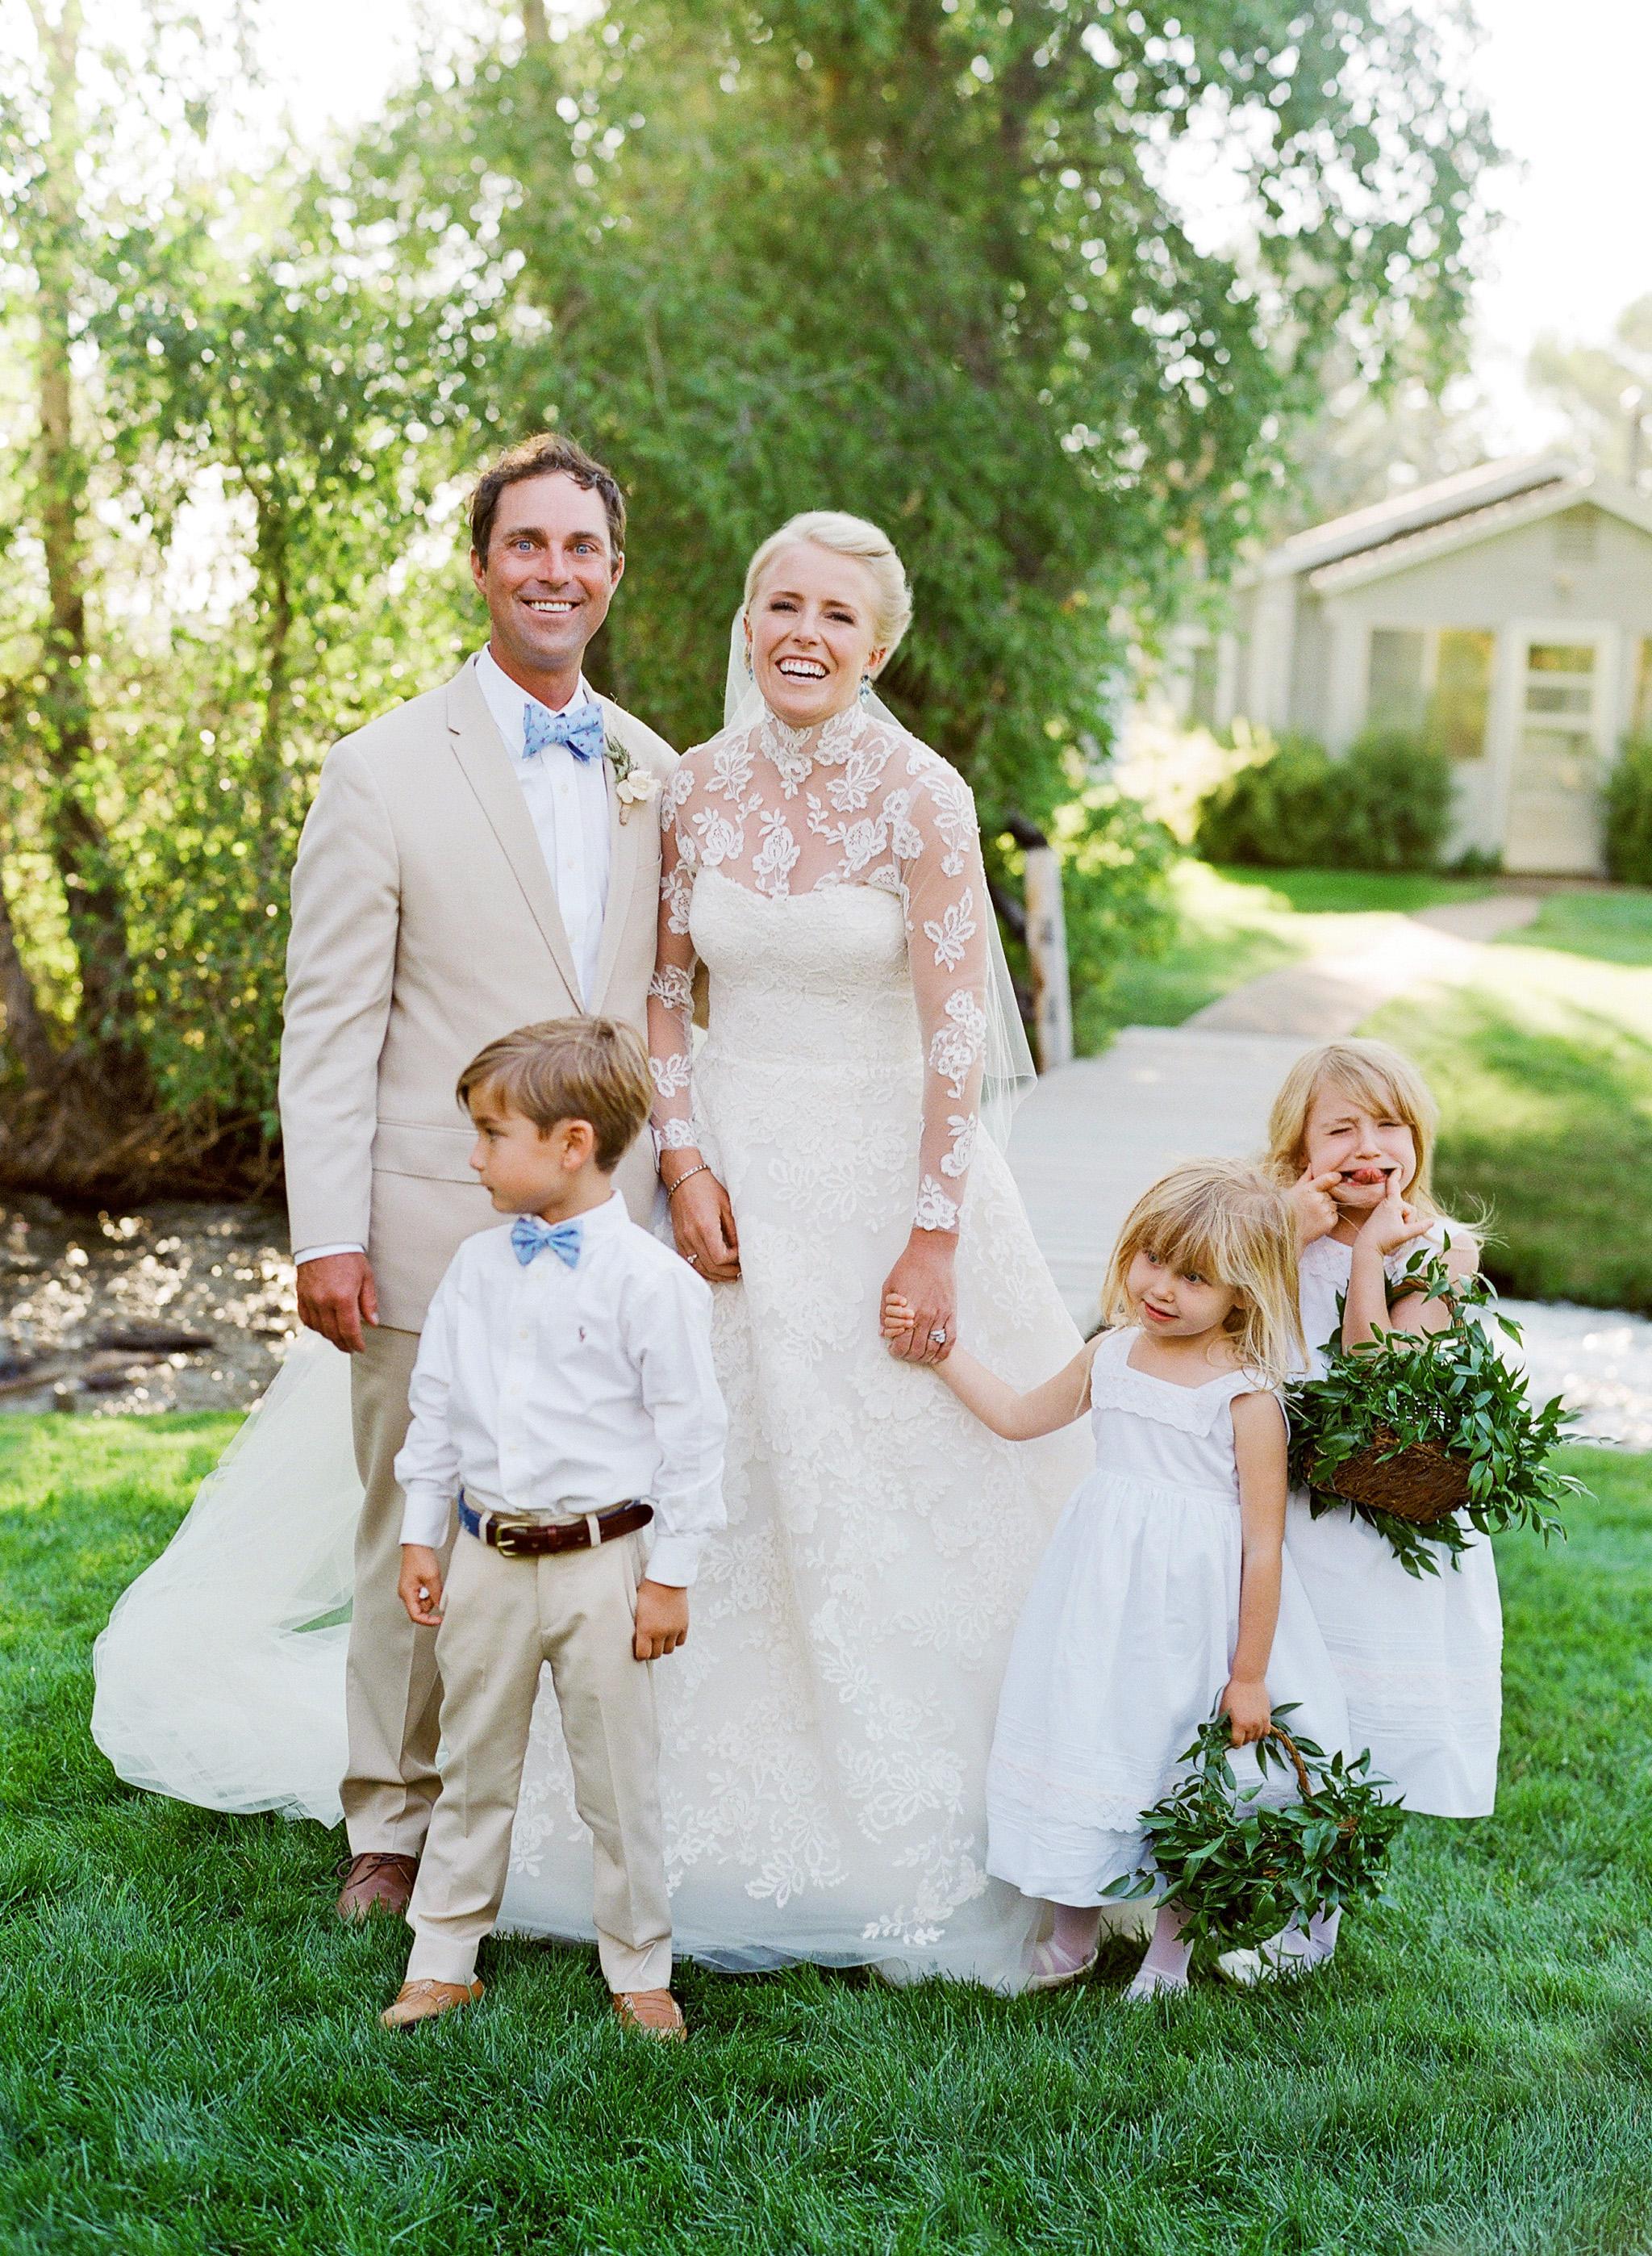 bessie john wedding couple kids